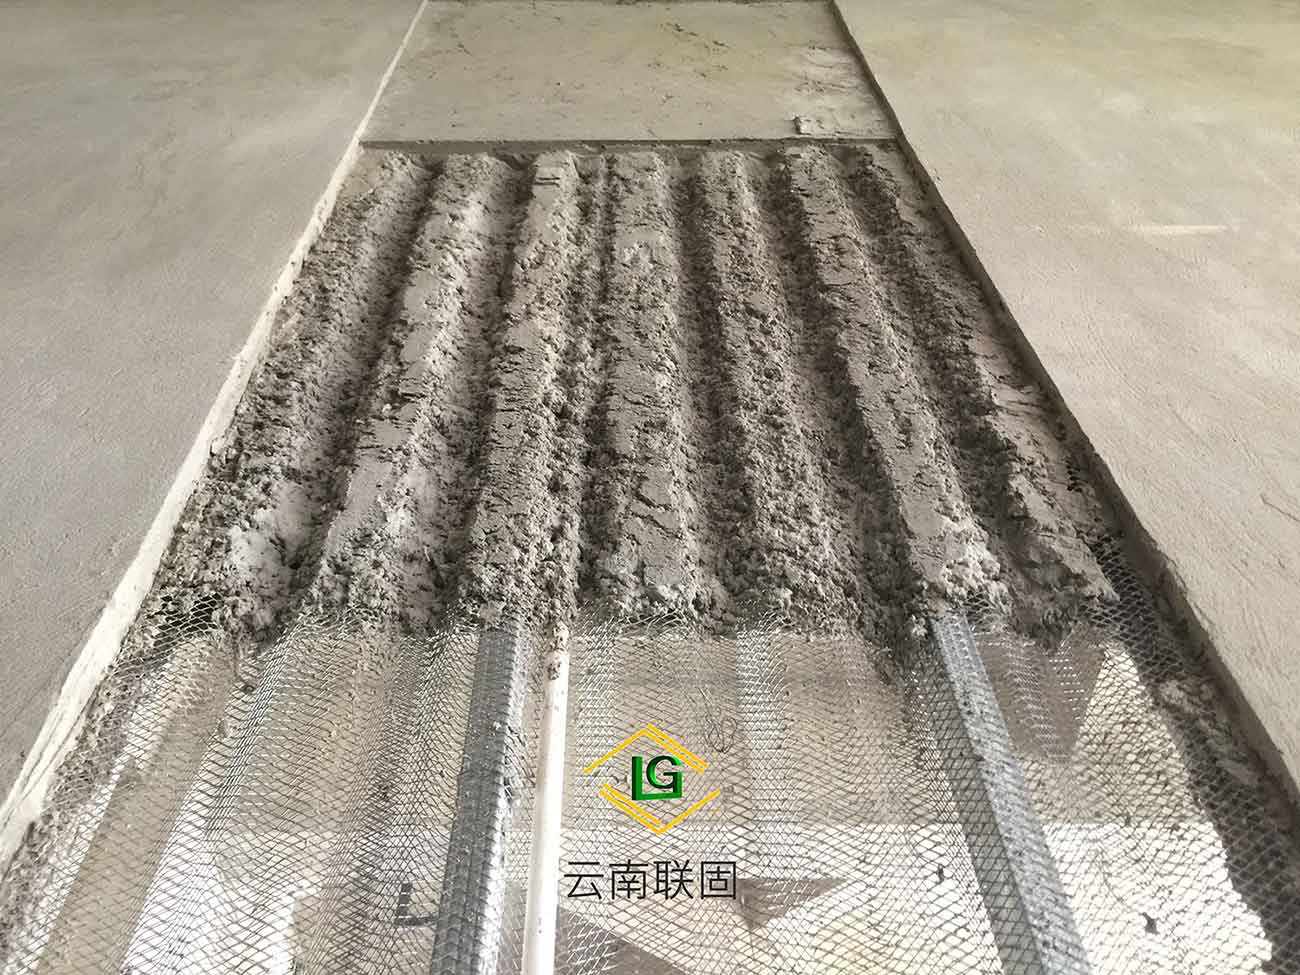 甘肃中空内模金属网轻质隔墙的用途和特点 来电咨询 云南联固建筑材料亚博百家乐